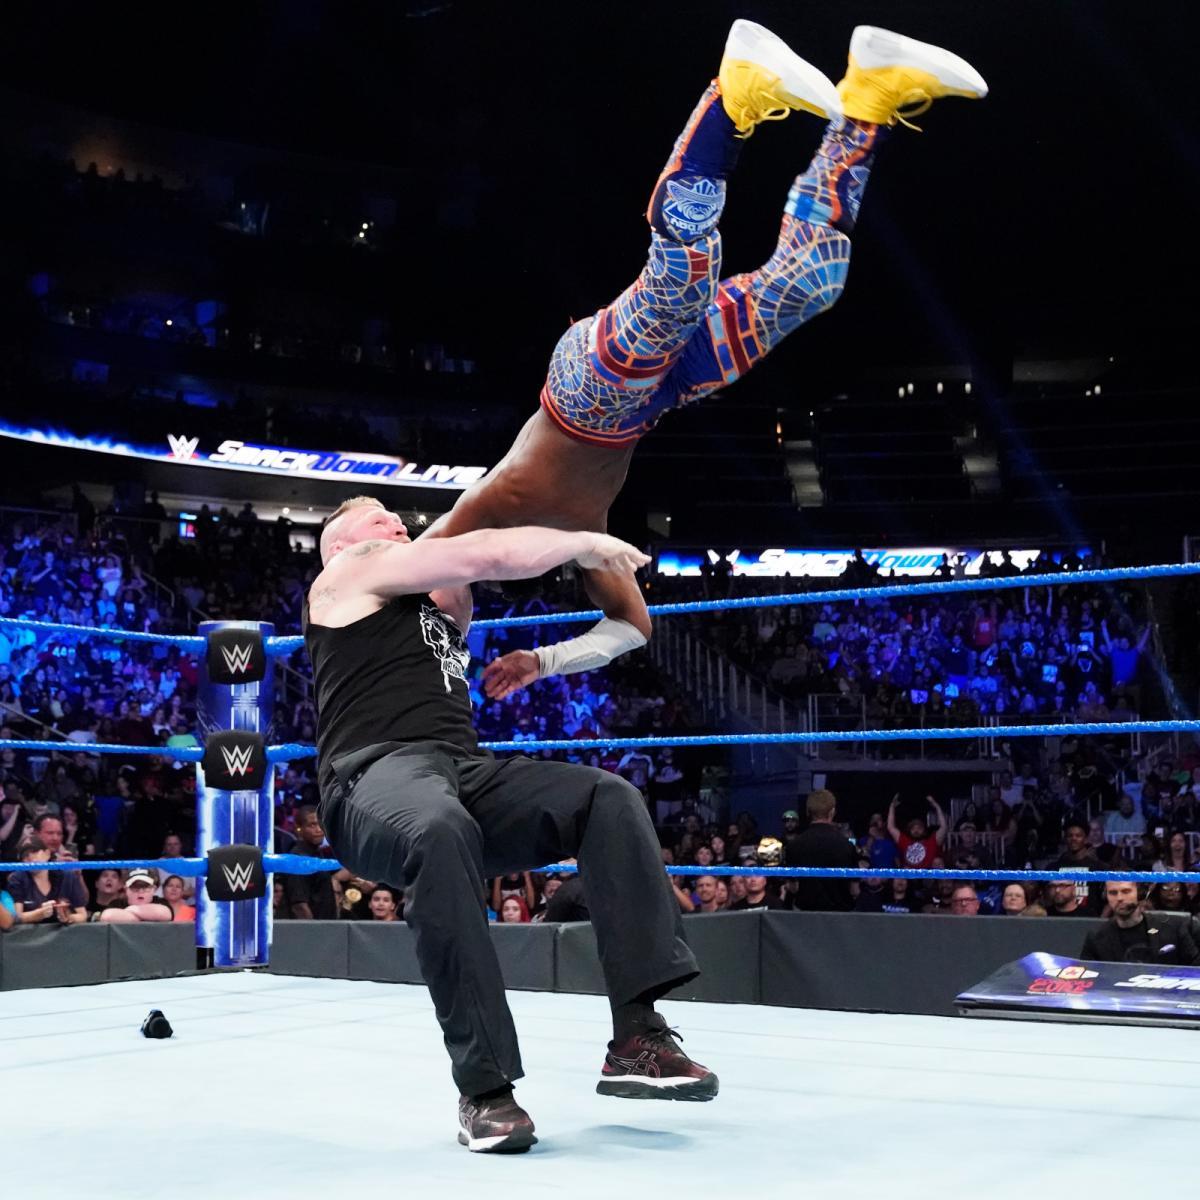 WWE स्मैकडाउन: 17 सितंबर 2019 रिजल्ट, आज हुआ कुछ ऐसा छीन सकती है शेन मैकमोहन की कुर्सी 3